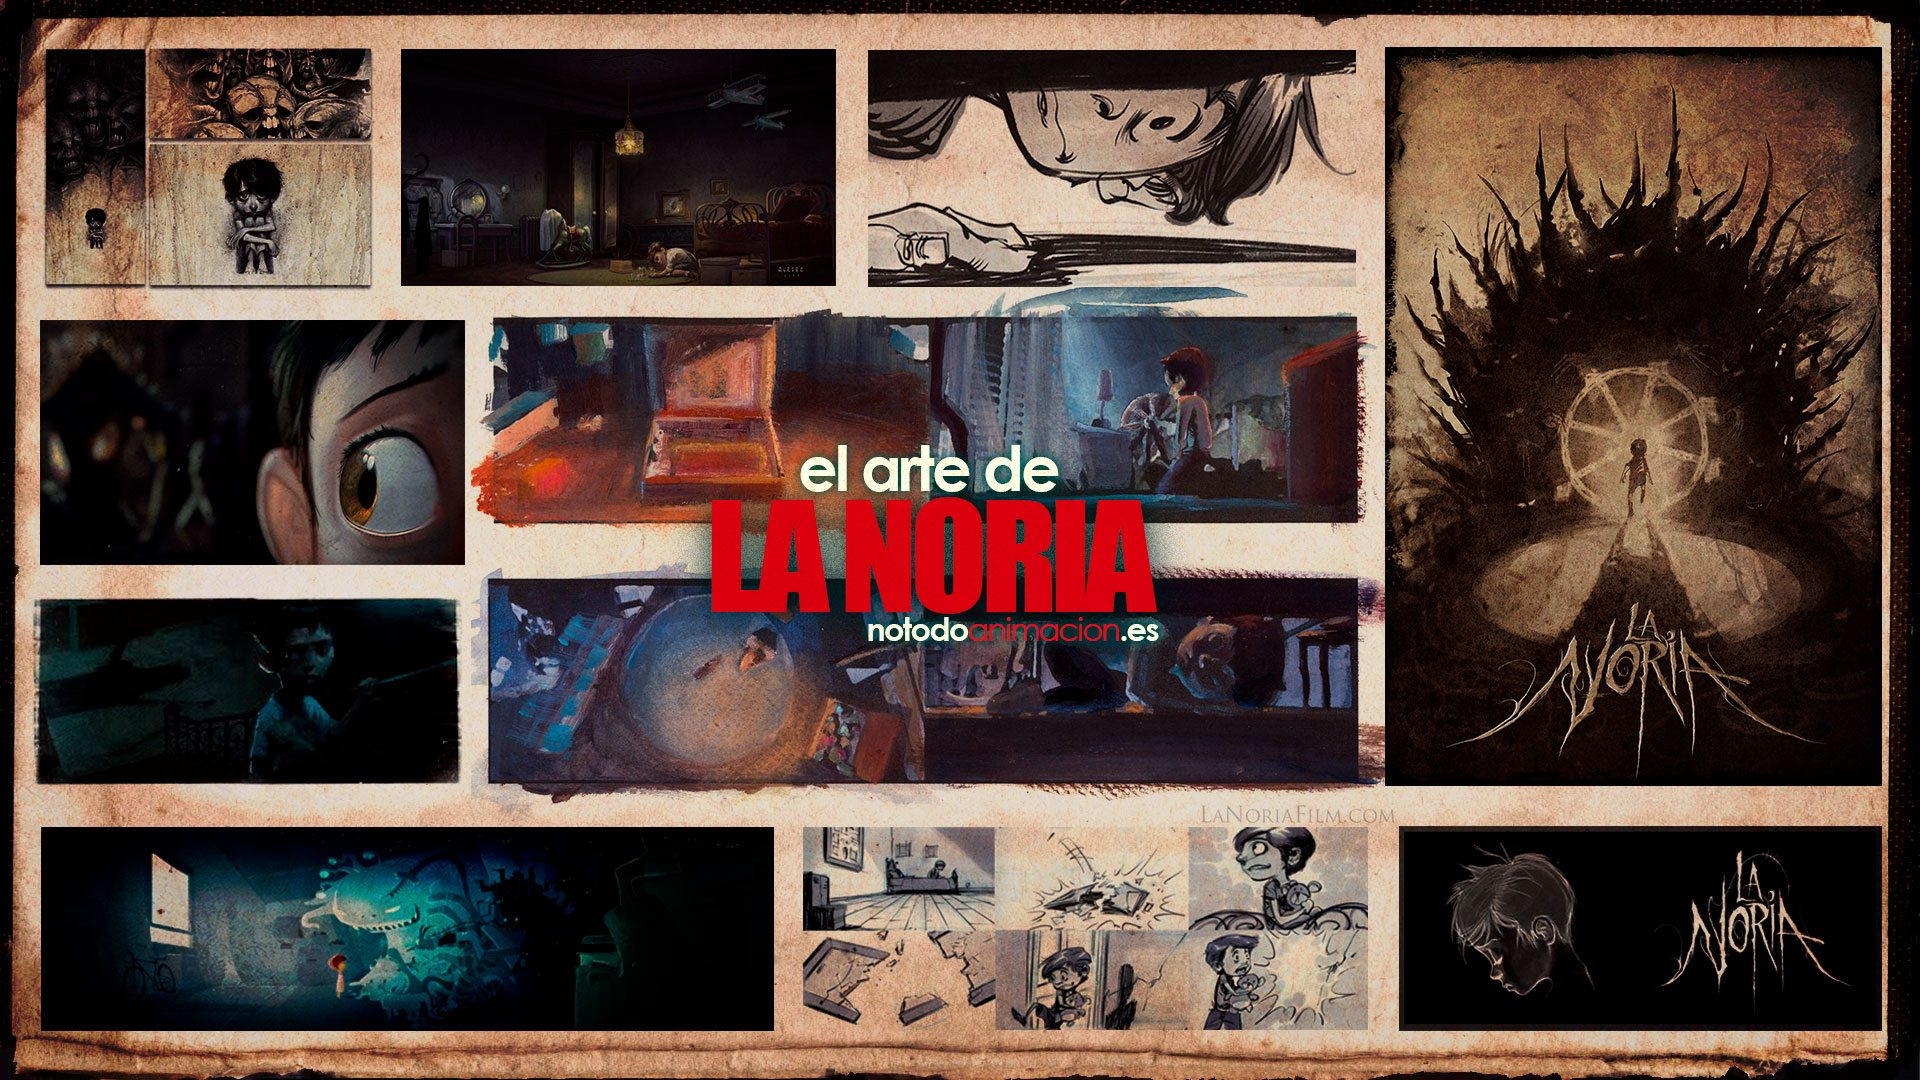 Cortometraje de Animación 3d- La noria - Desarrollo visual - el arte de la noria